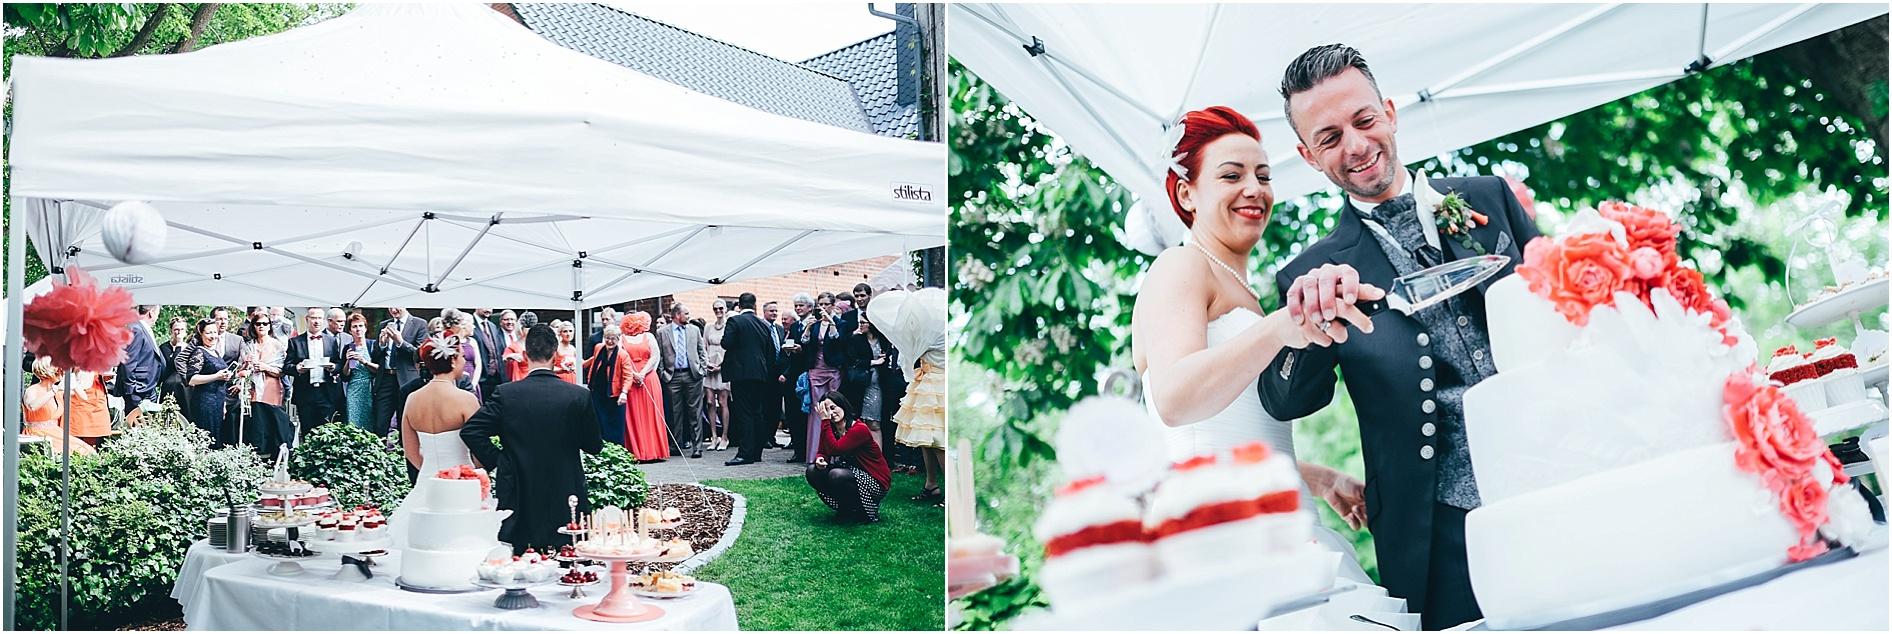 2015-10-27_0072 Tine & Chrischan - Hochzeitsfilm & Fotos in Lüneburg